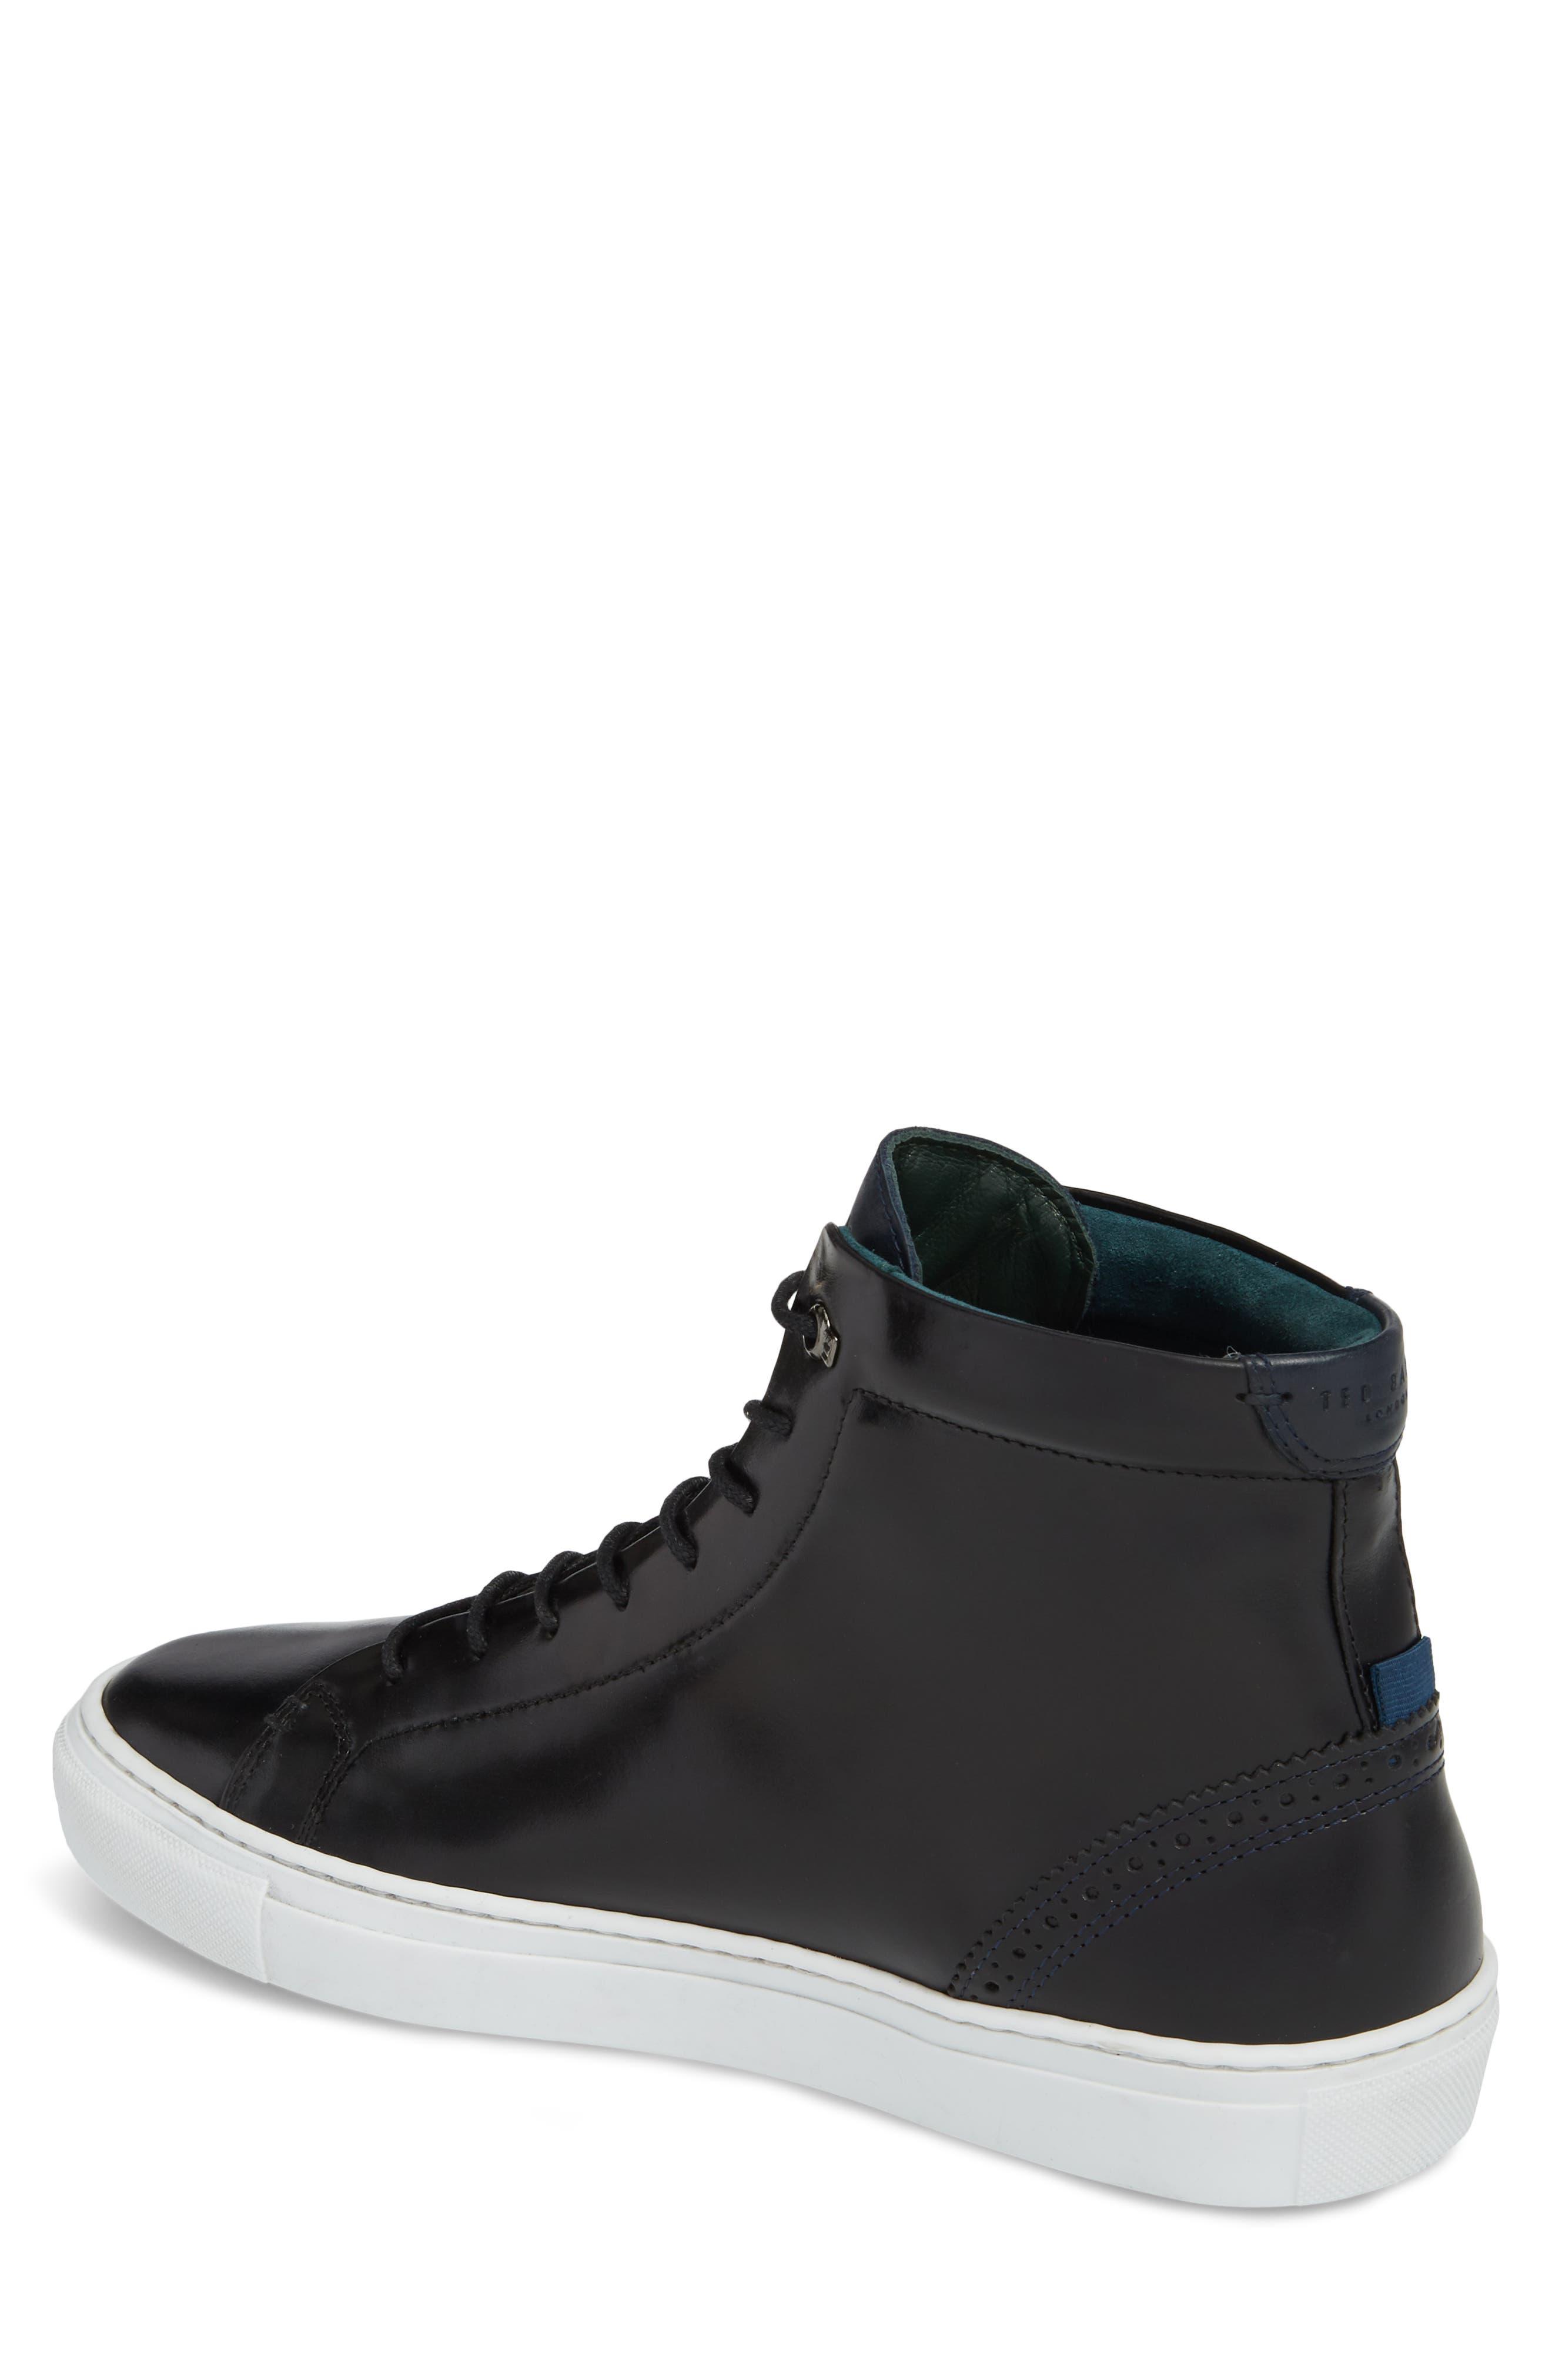 Monerkk High Top Sneaker,                             Alternate thumbnail 2, color,                             Black Leather